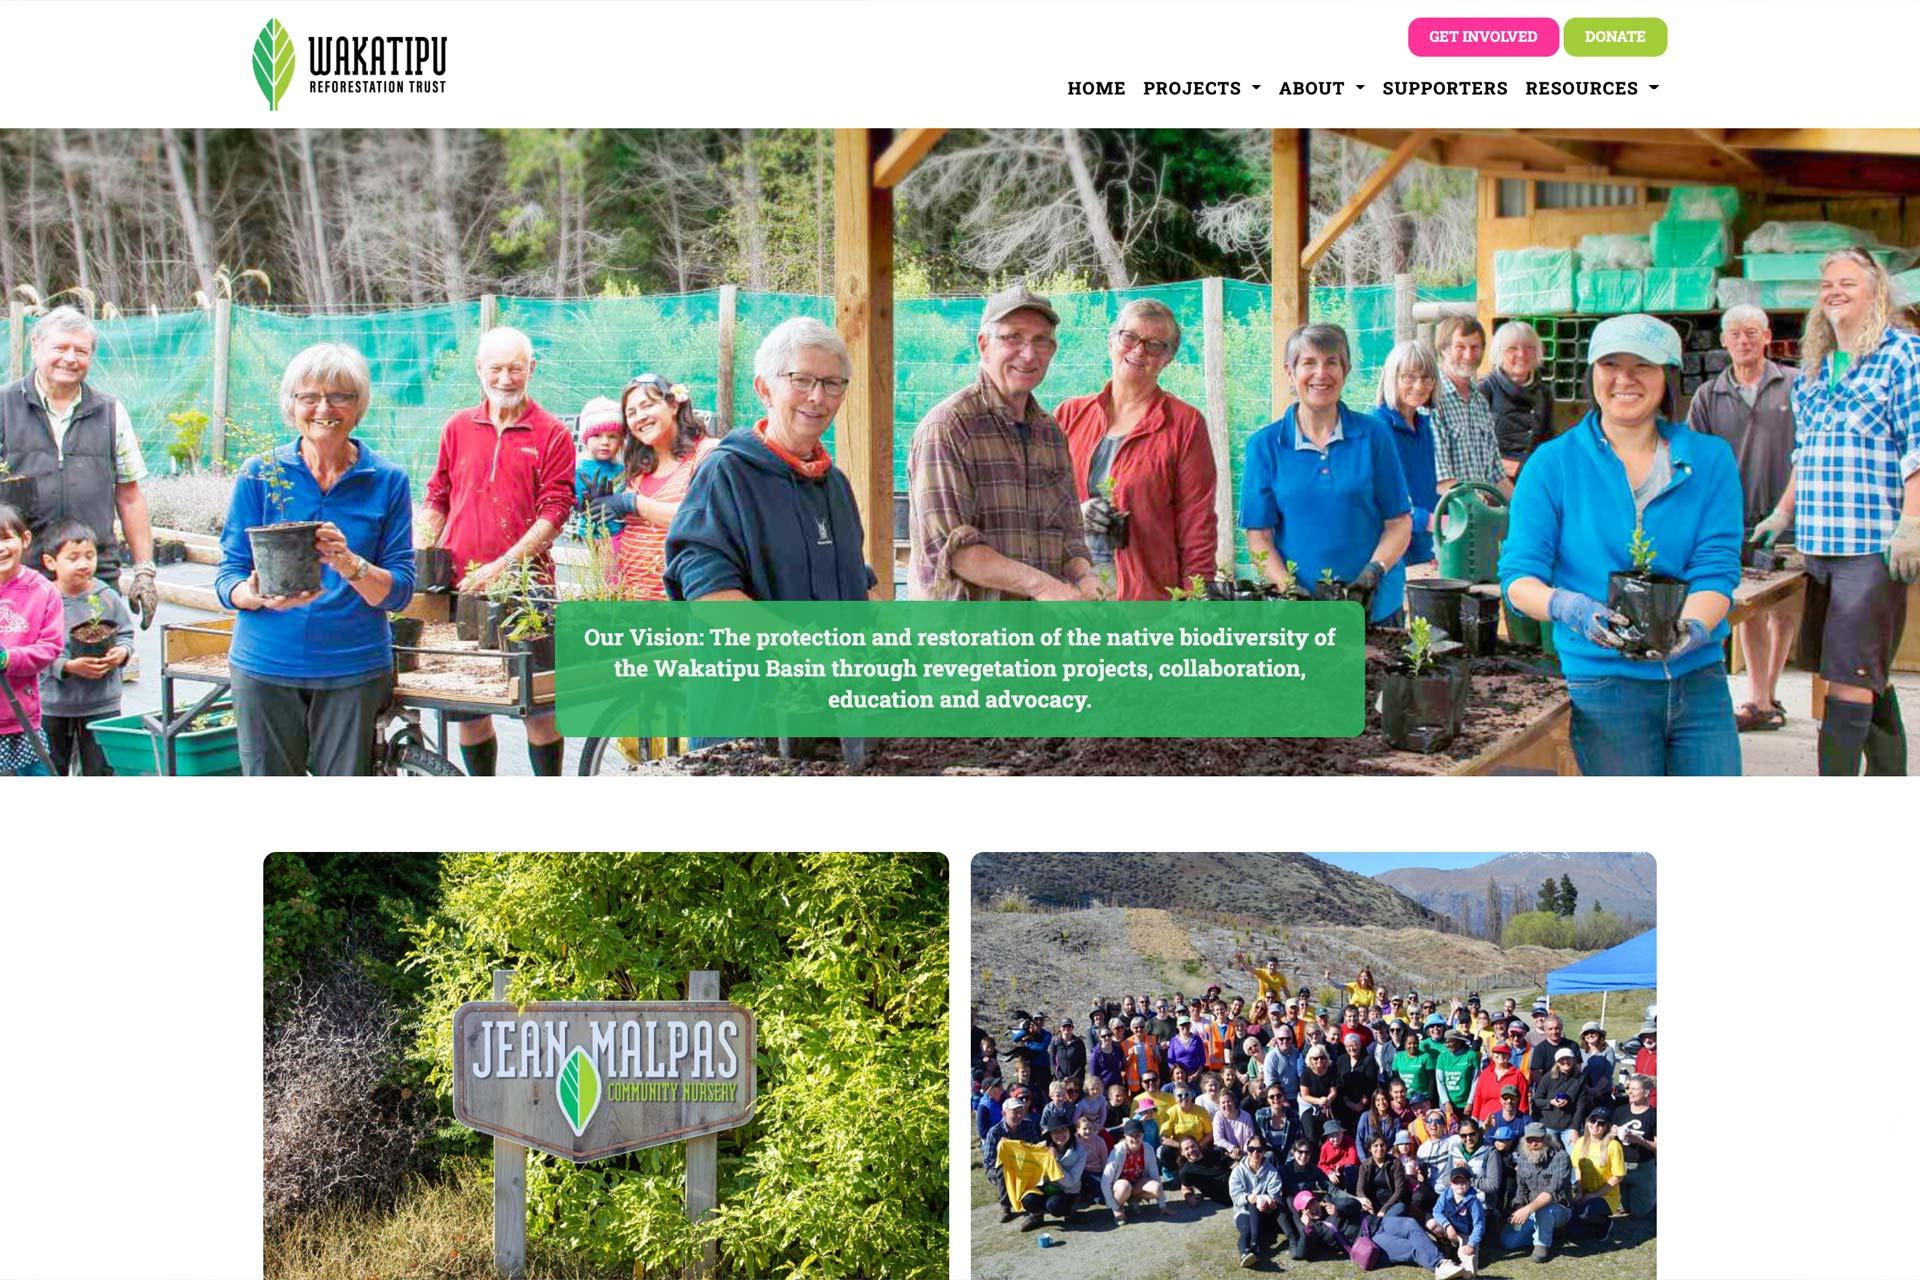 Wakatipu Reforestation Trust Website